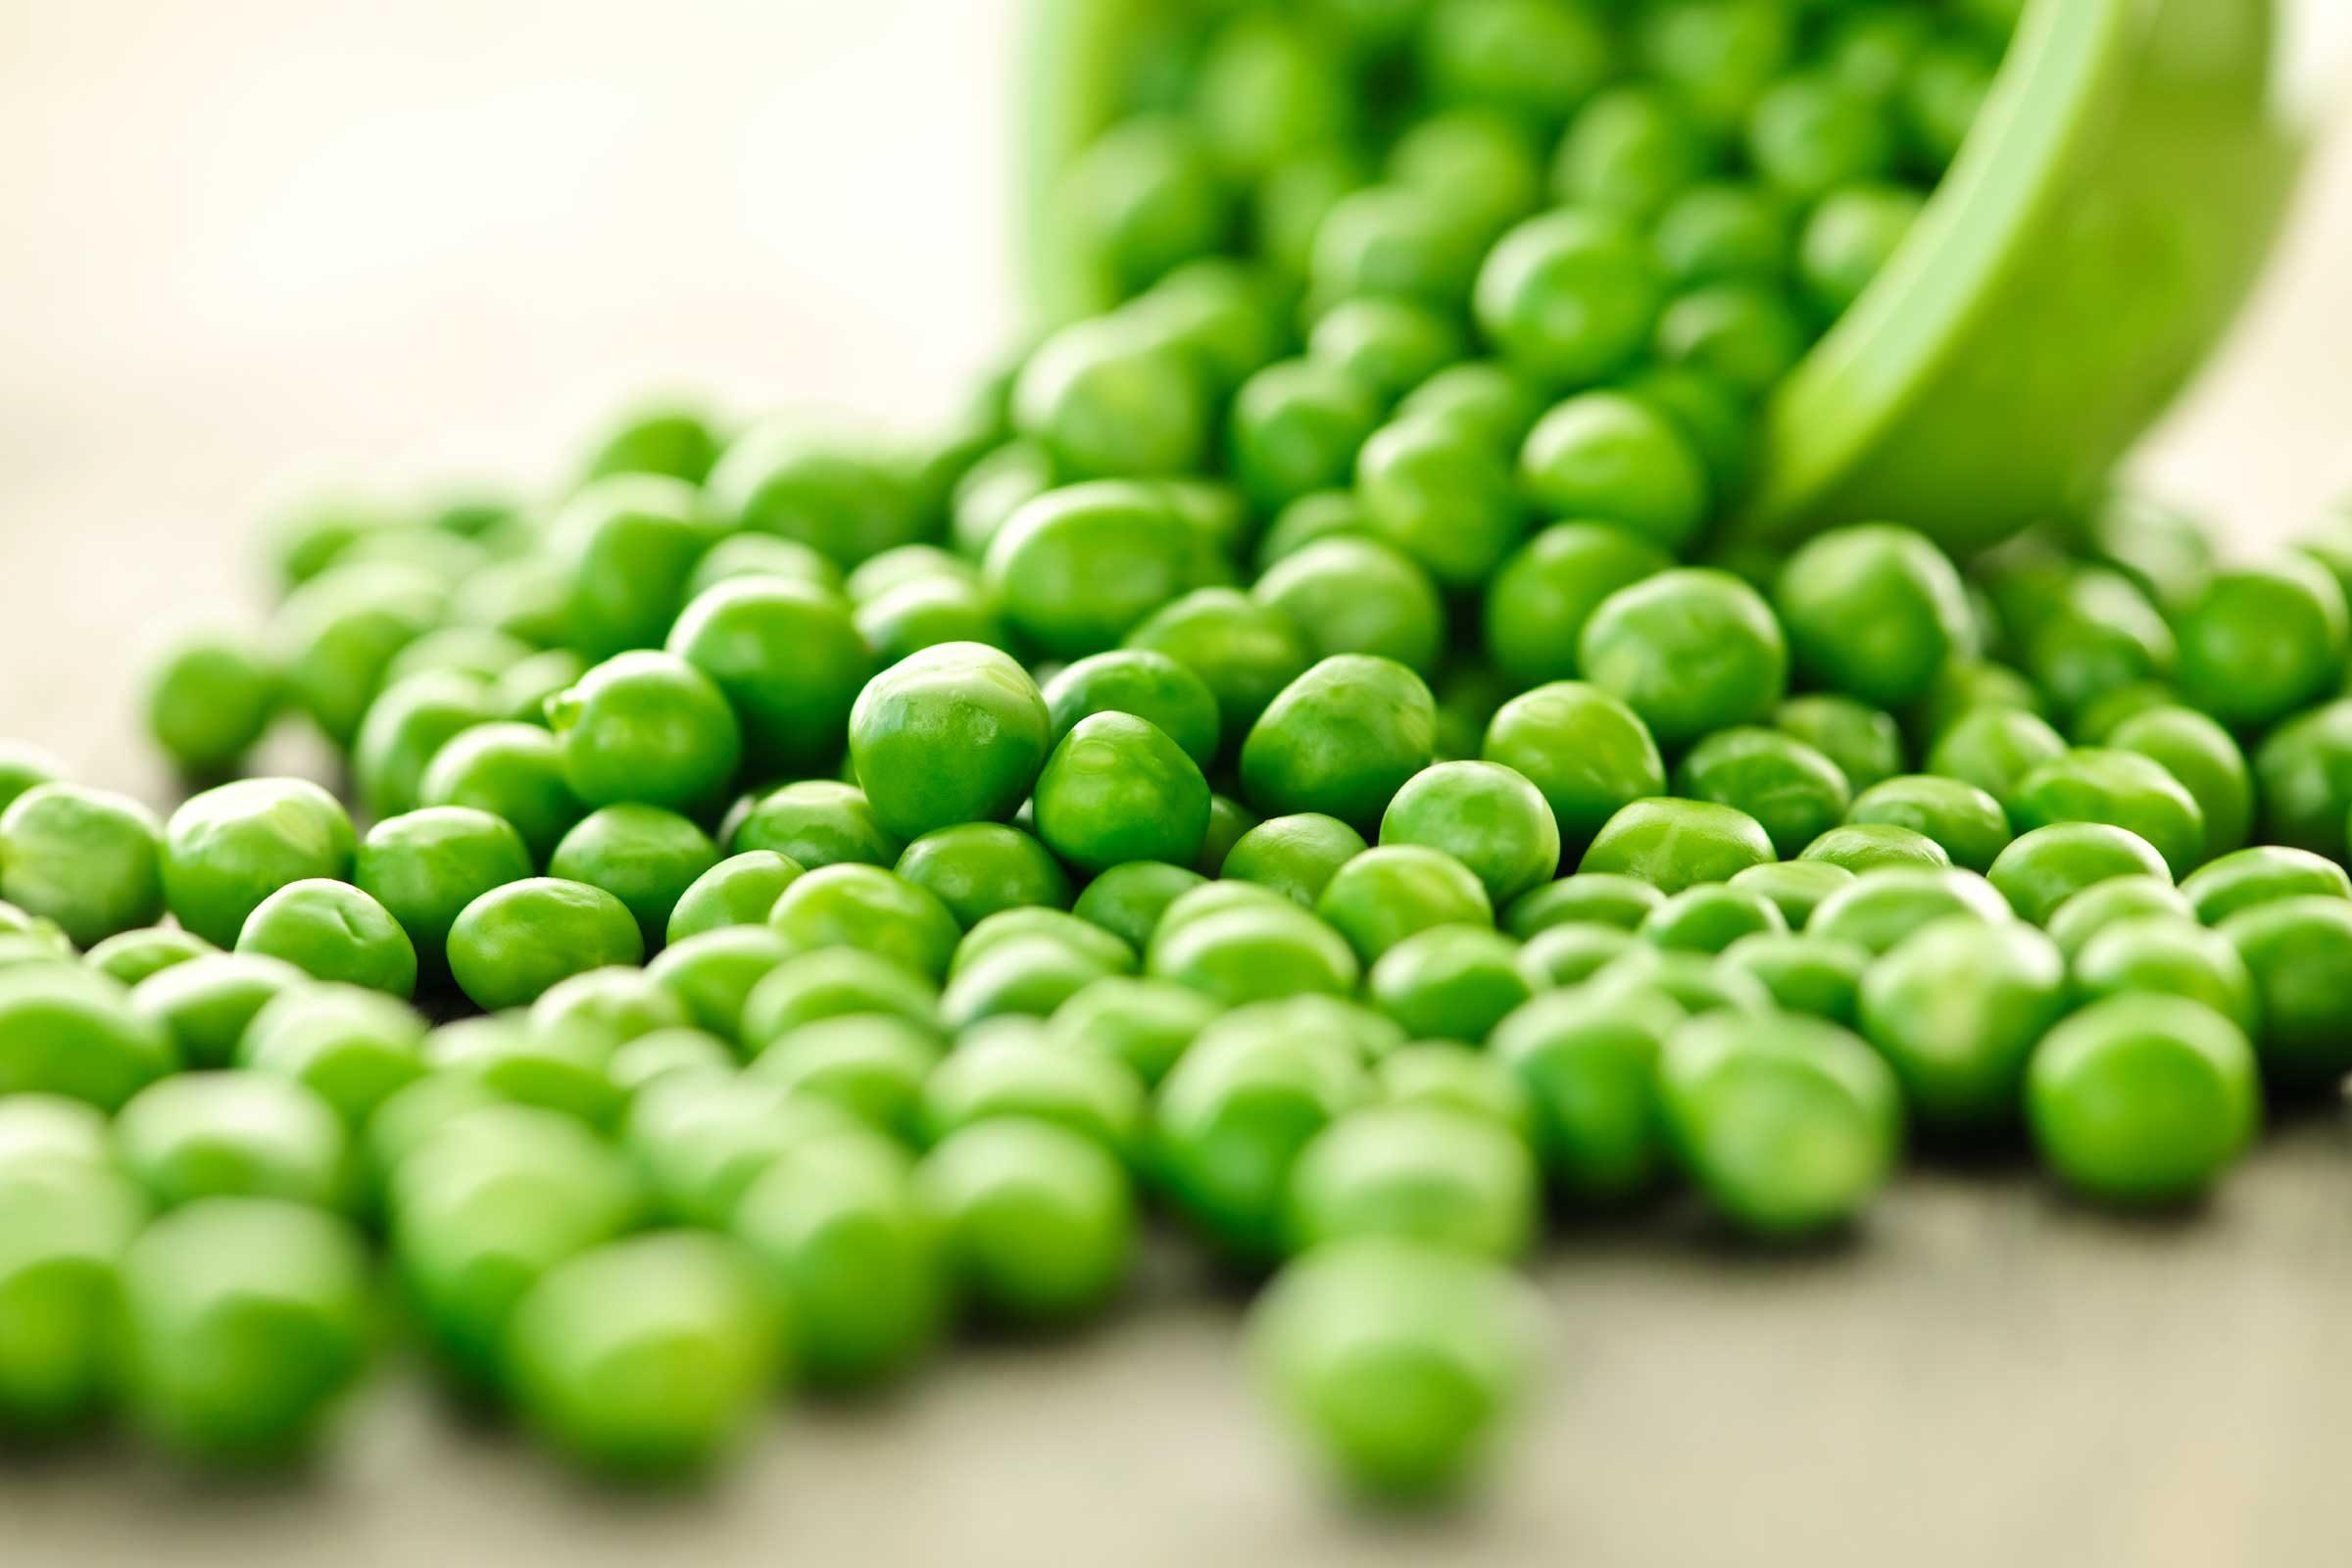 Pick on peas